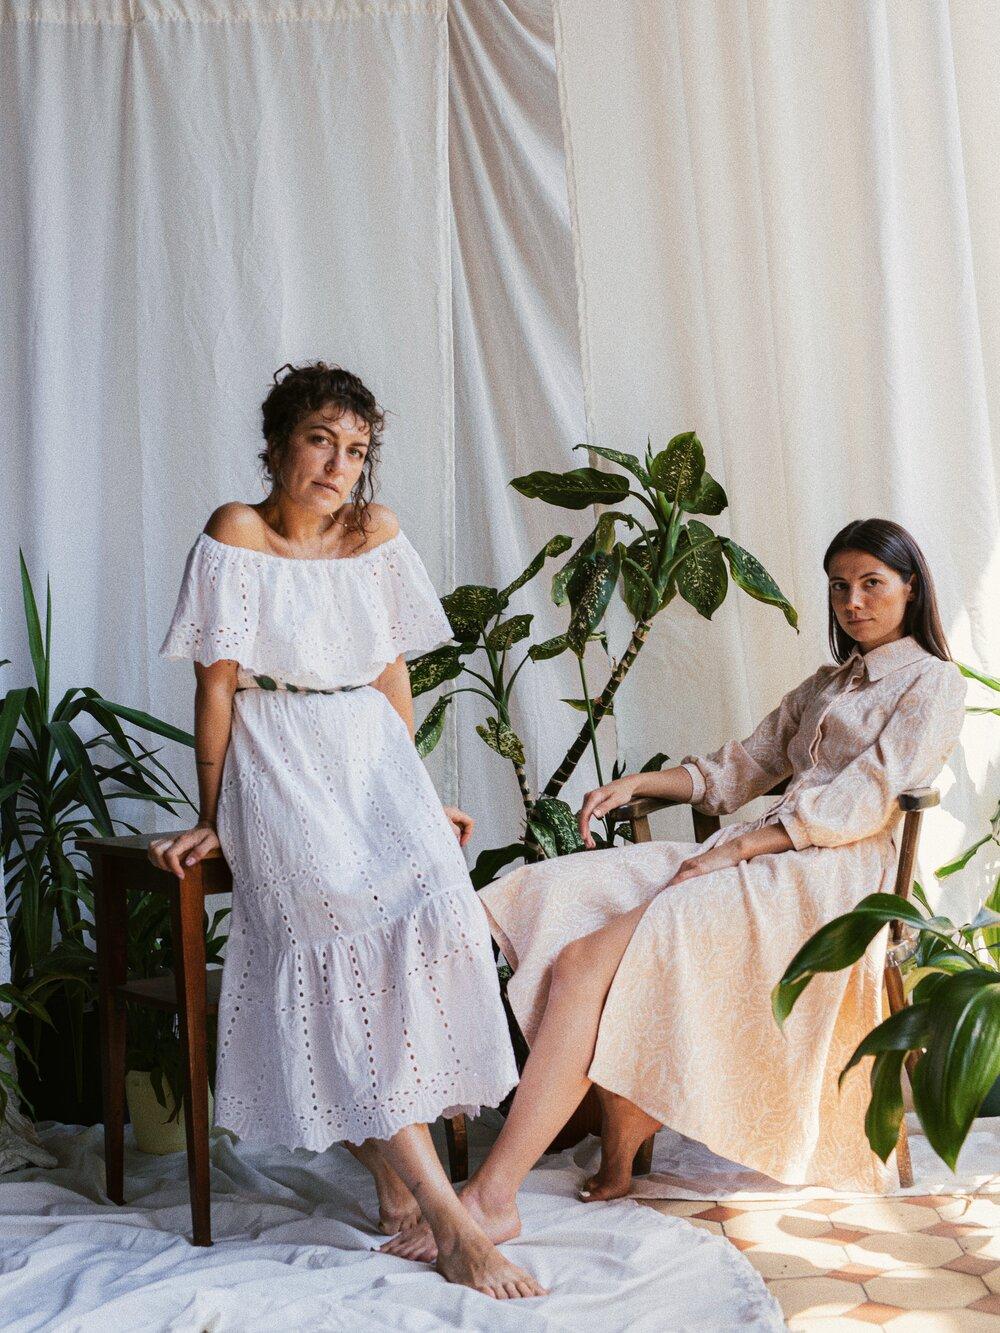 Світлана Левченко та Каріна Качуровська. Фото: Марина Ярова